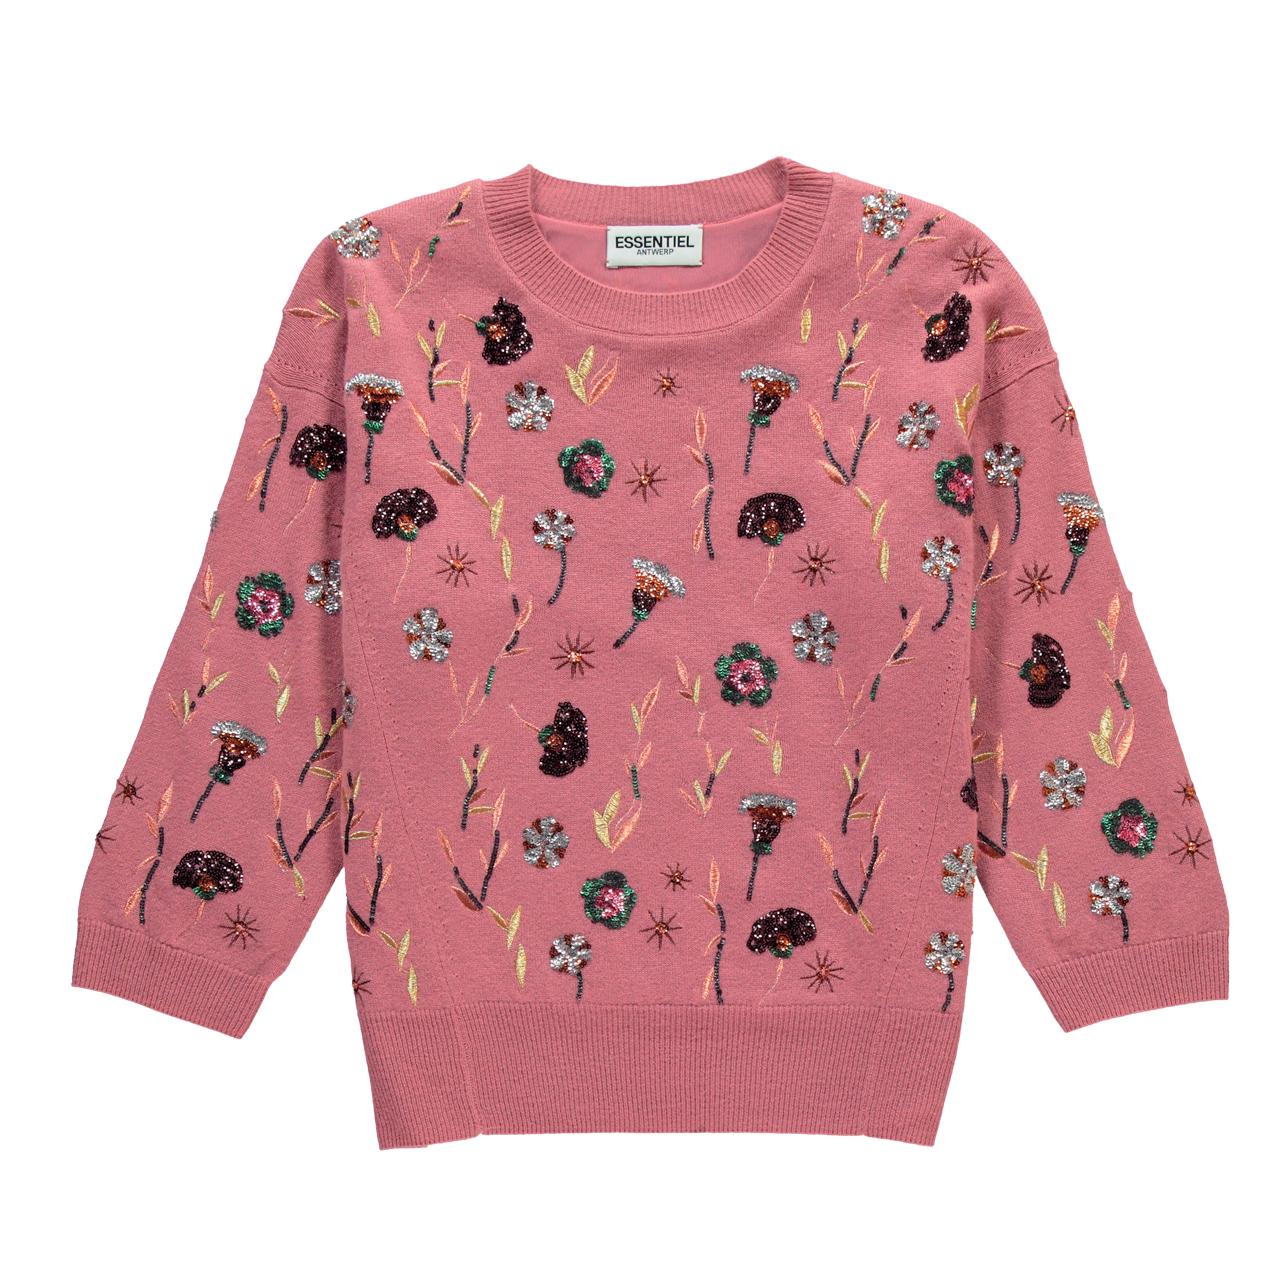 플라워 시퀸 디테일의 스웨터는 가격 미정으로 Essentiel